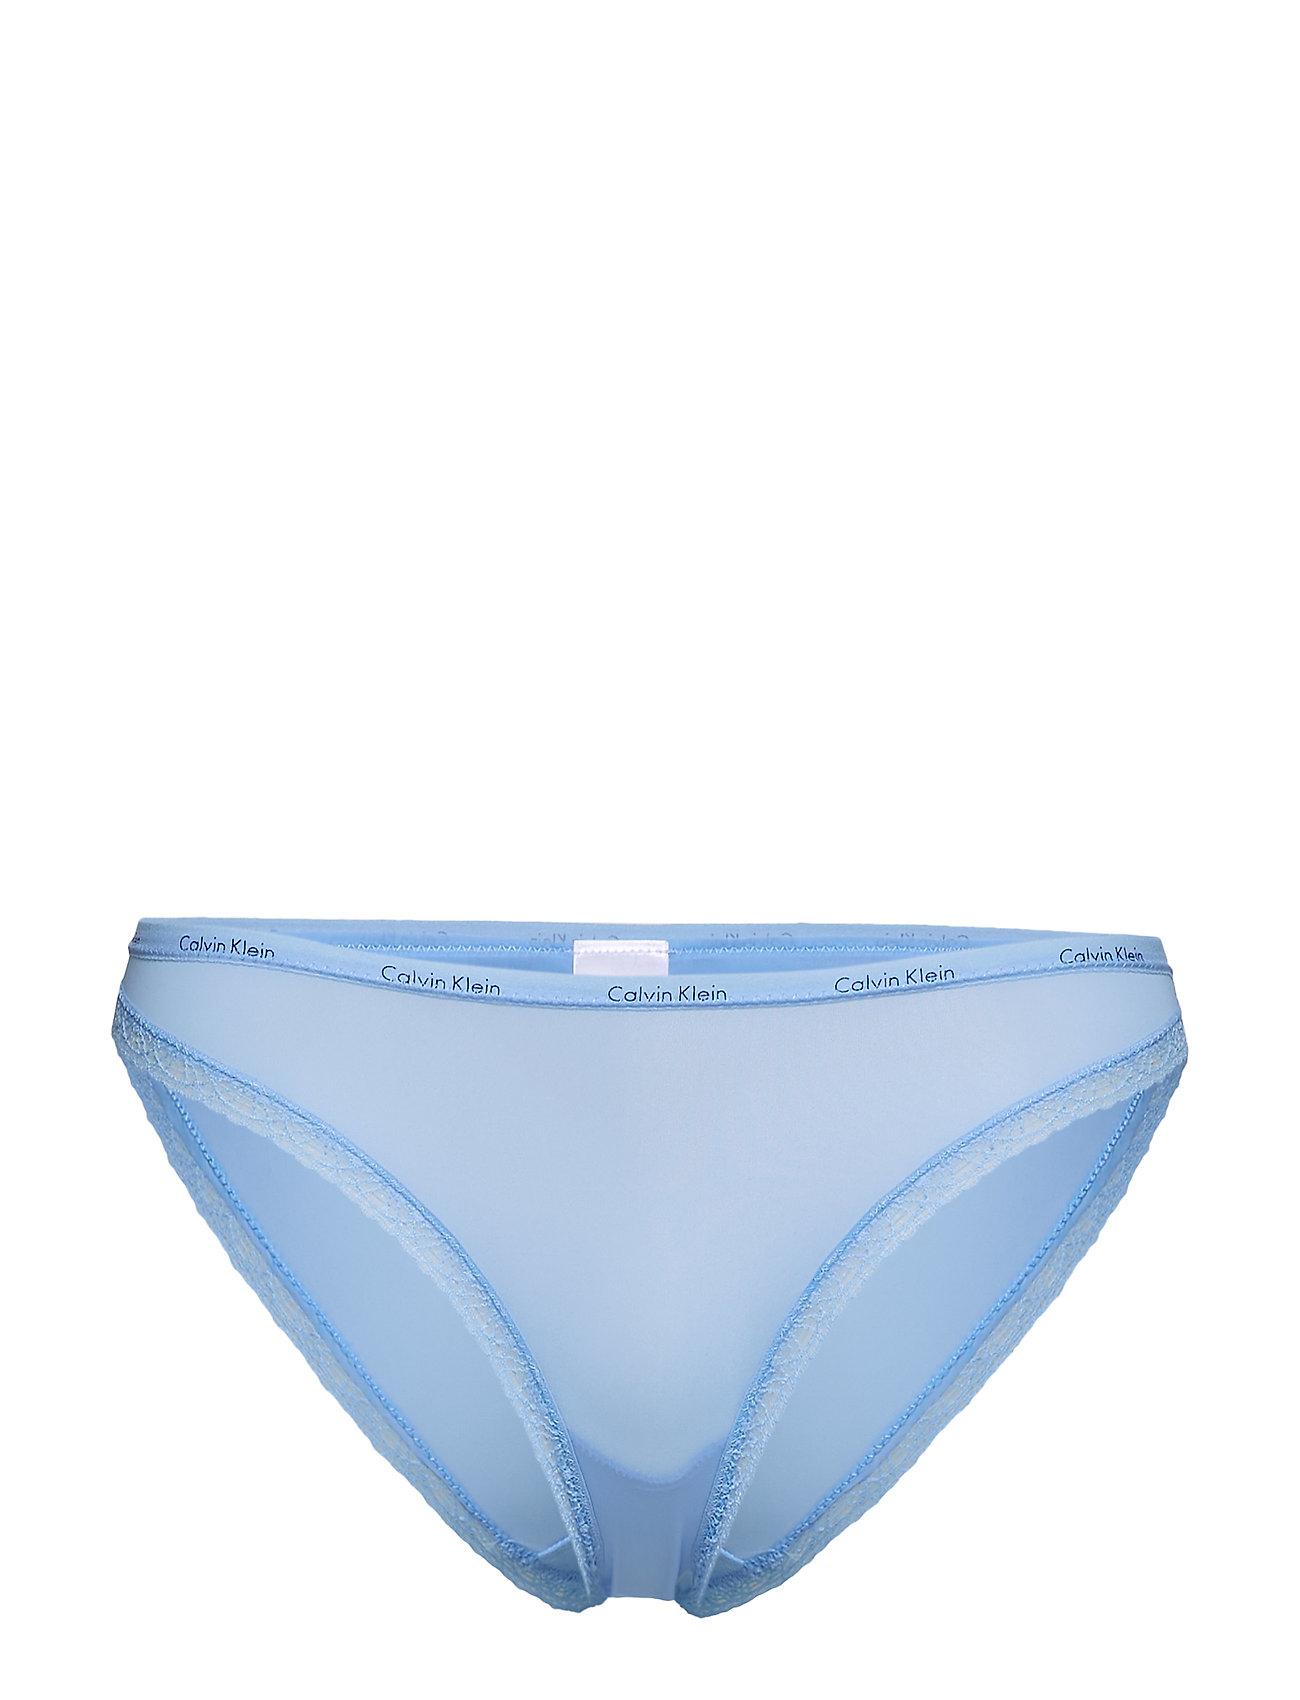 BlueCalvin BlueCalvin Klein Klein Bikinisensory Bikinisensory Bikinisensory BlueCalvin Klein KJ1clT3F